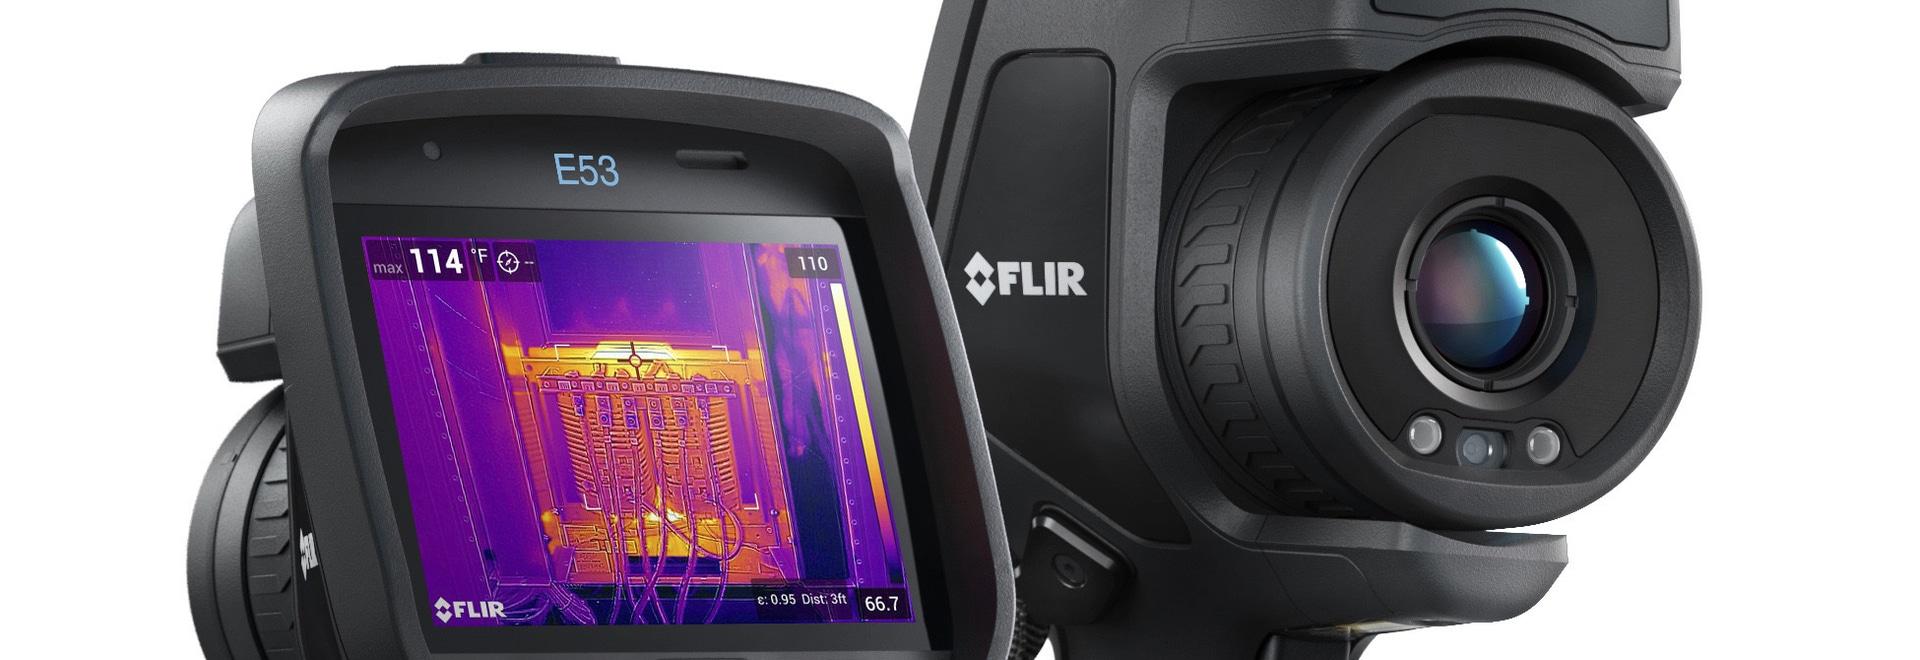 FLIR E53 thermal imaging camera